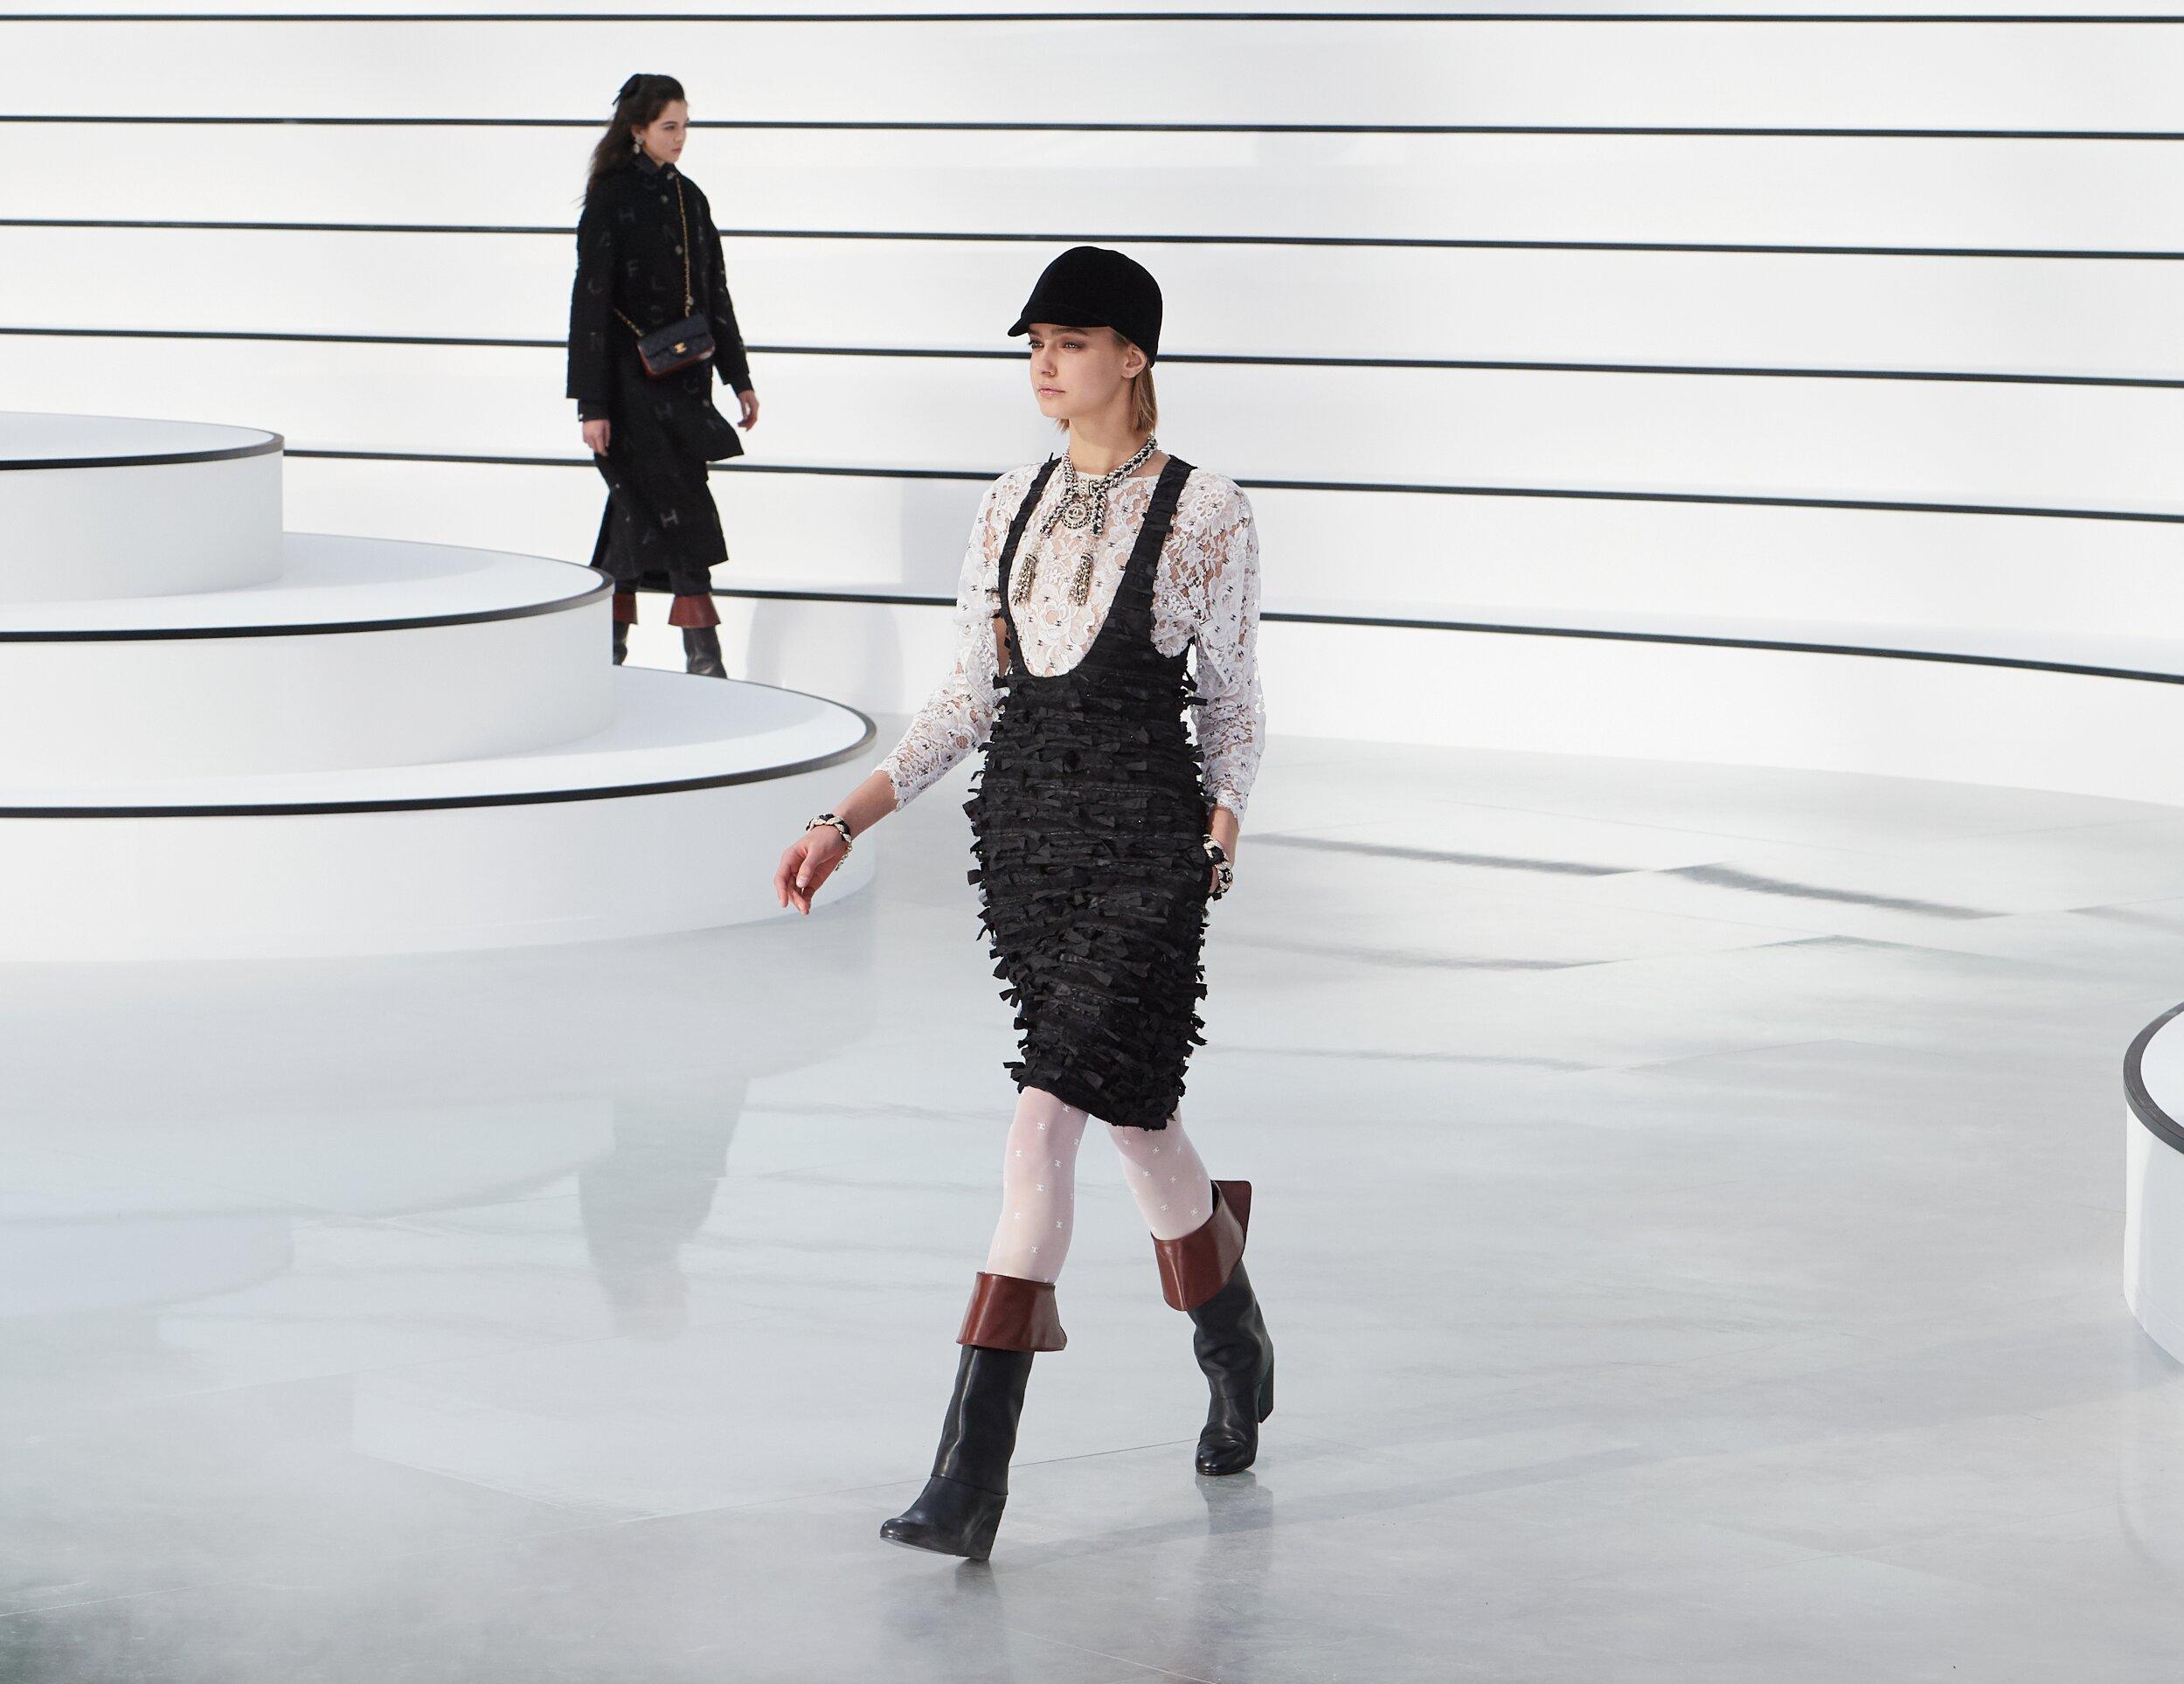 Chanel FW 2020 Womenswear